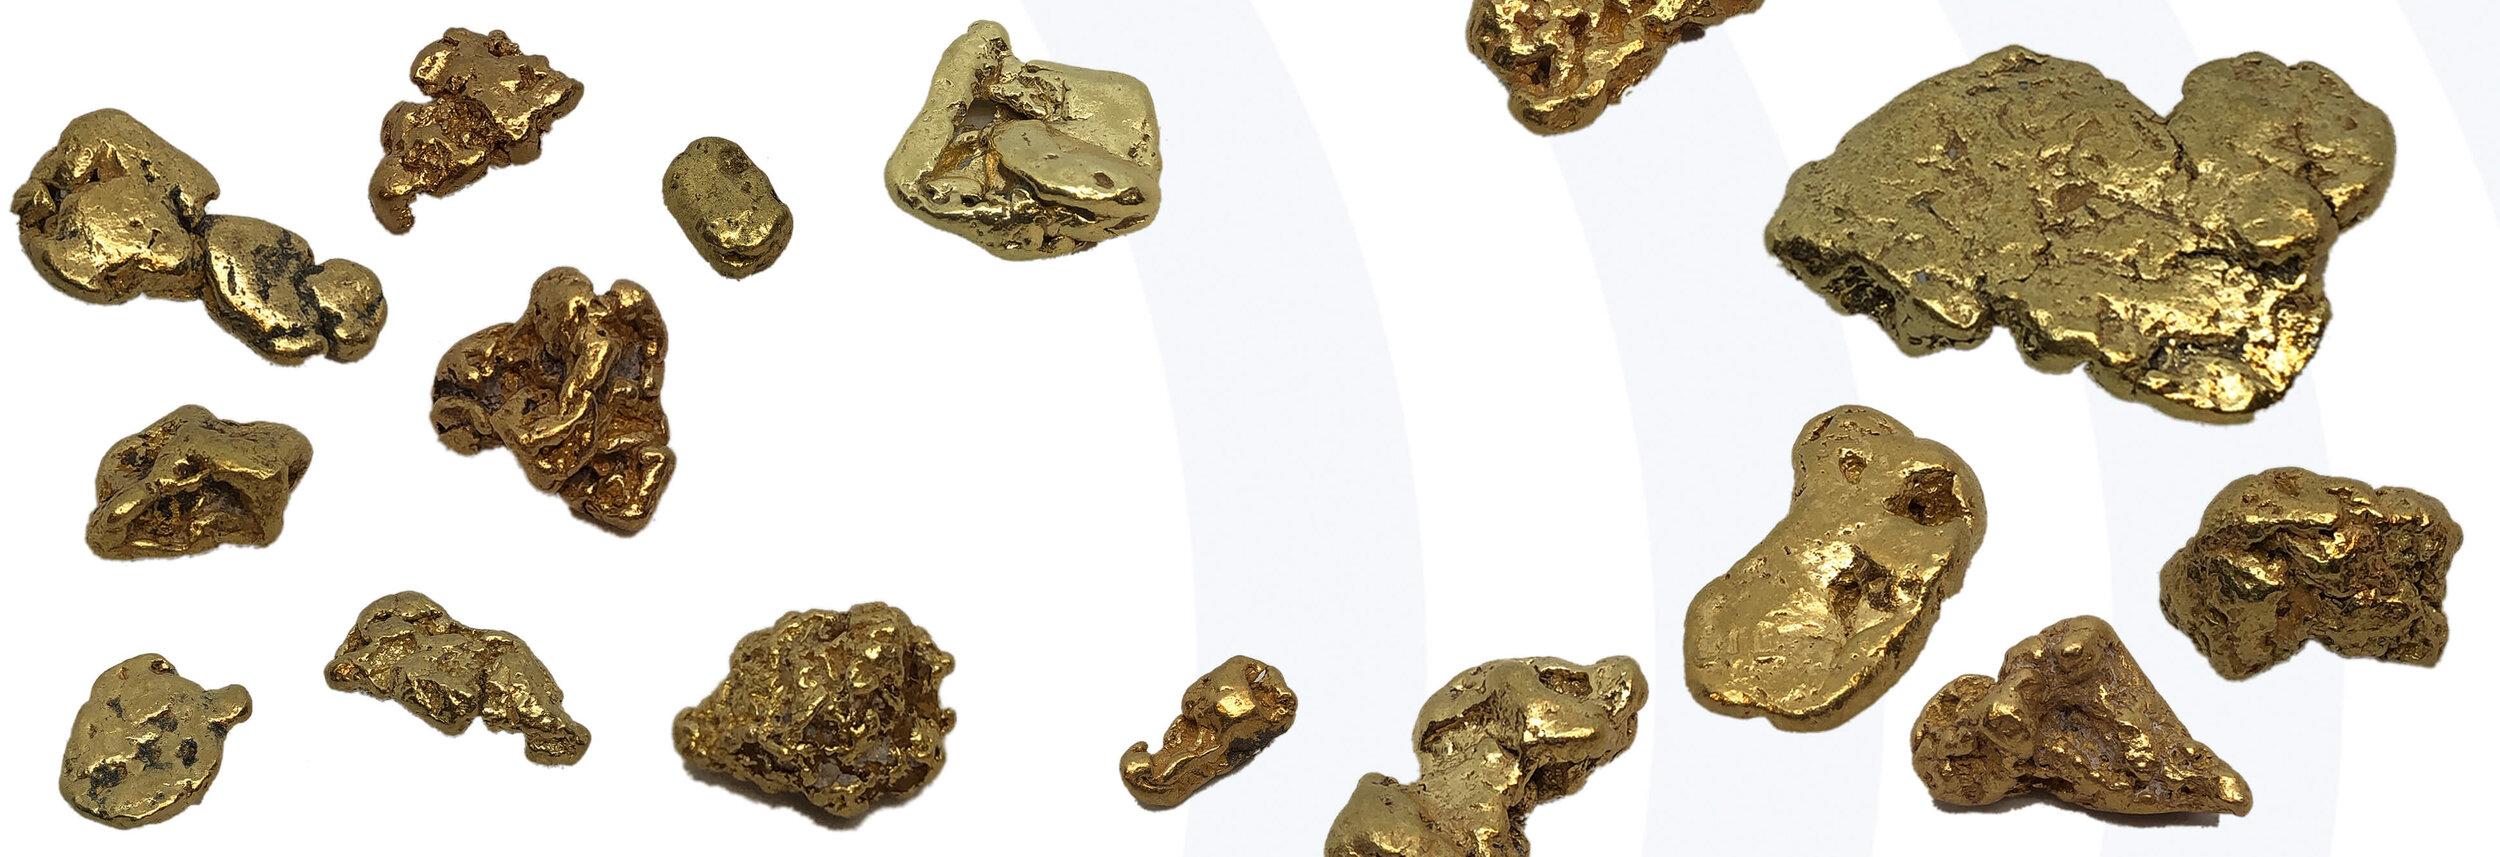 paydirt Niederrhein mind 50 mg Gold Nuggets Flakes mit Metalldose